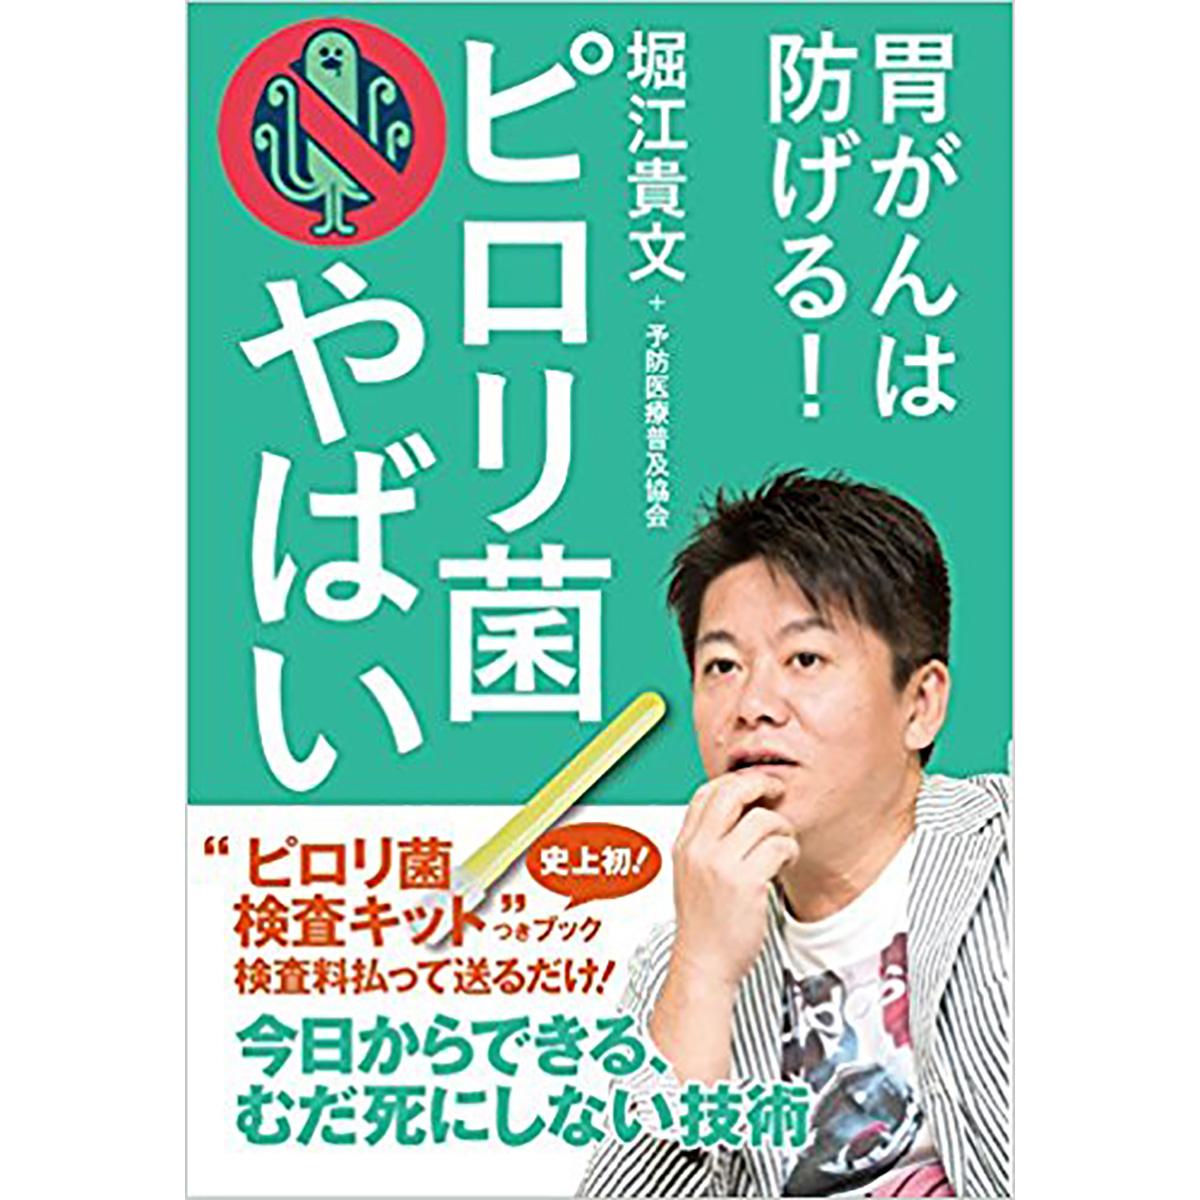 ピロリ菌やばい(検査キットつきブック)